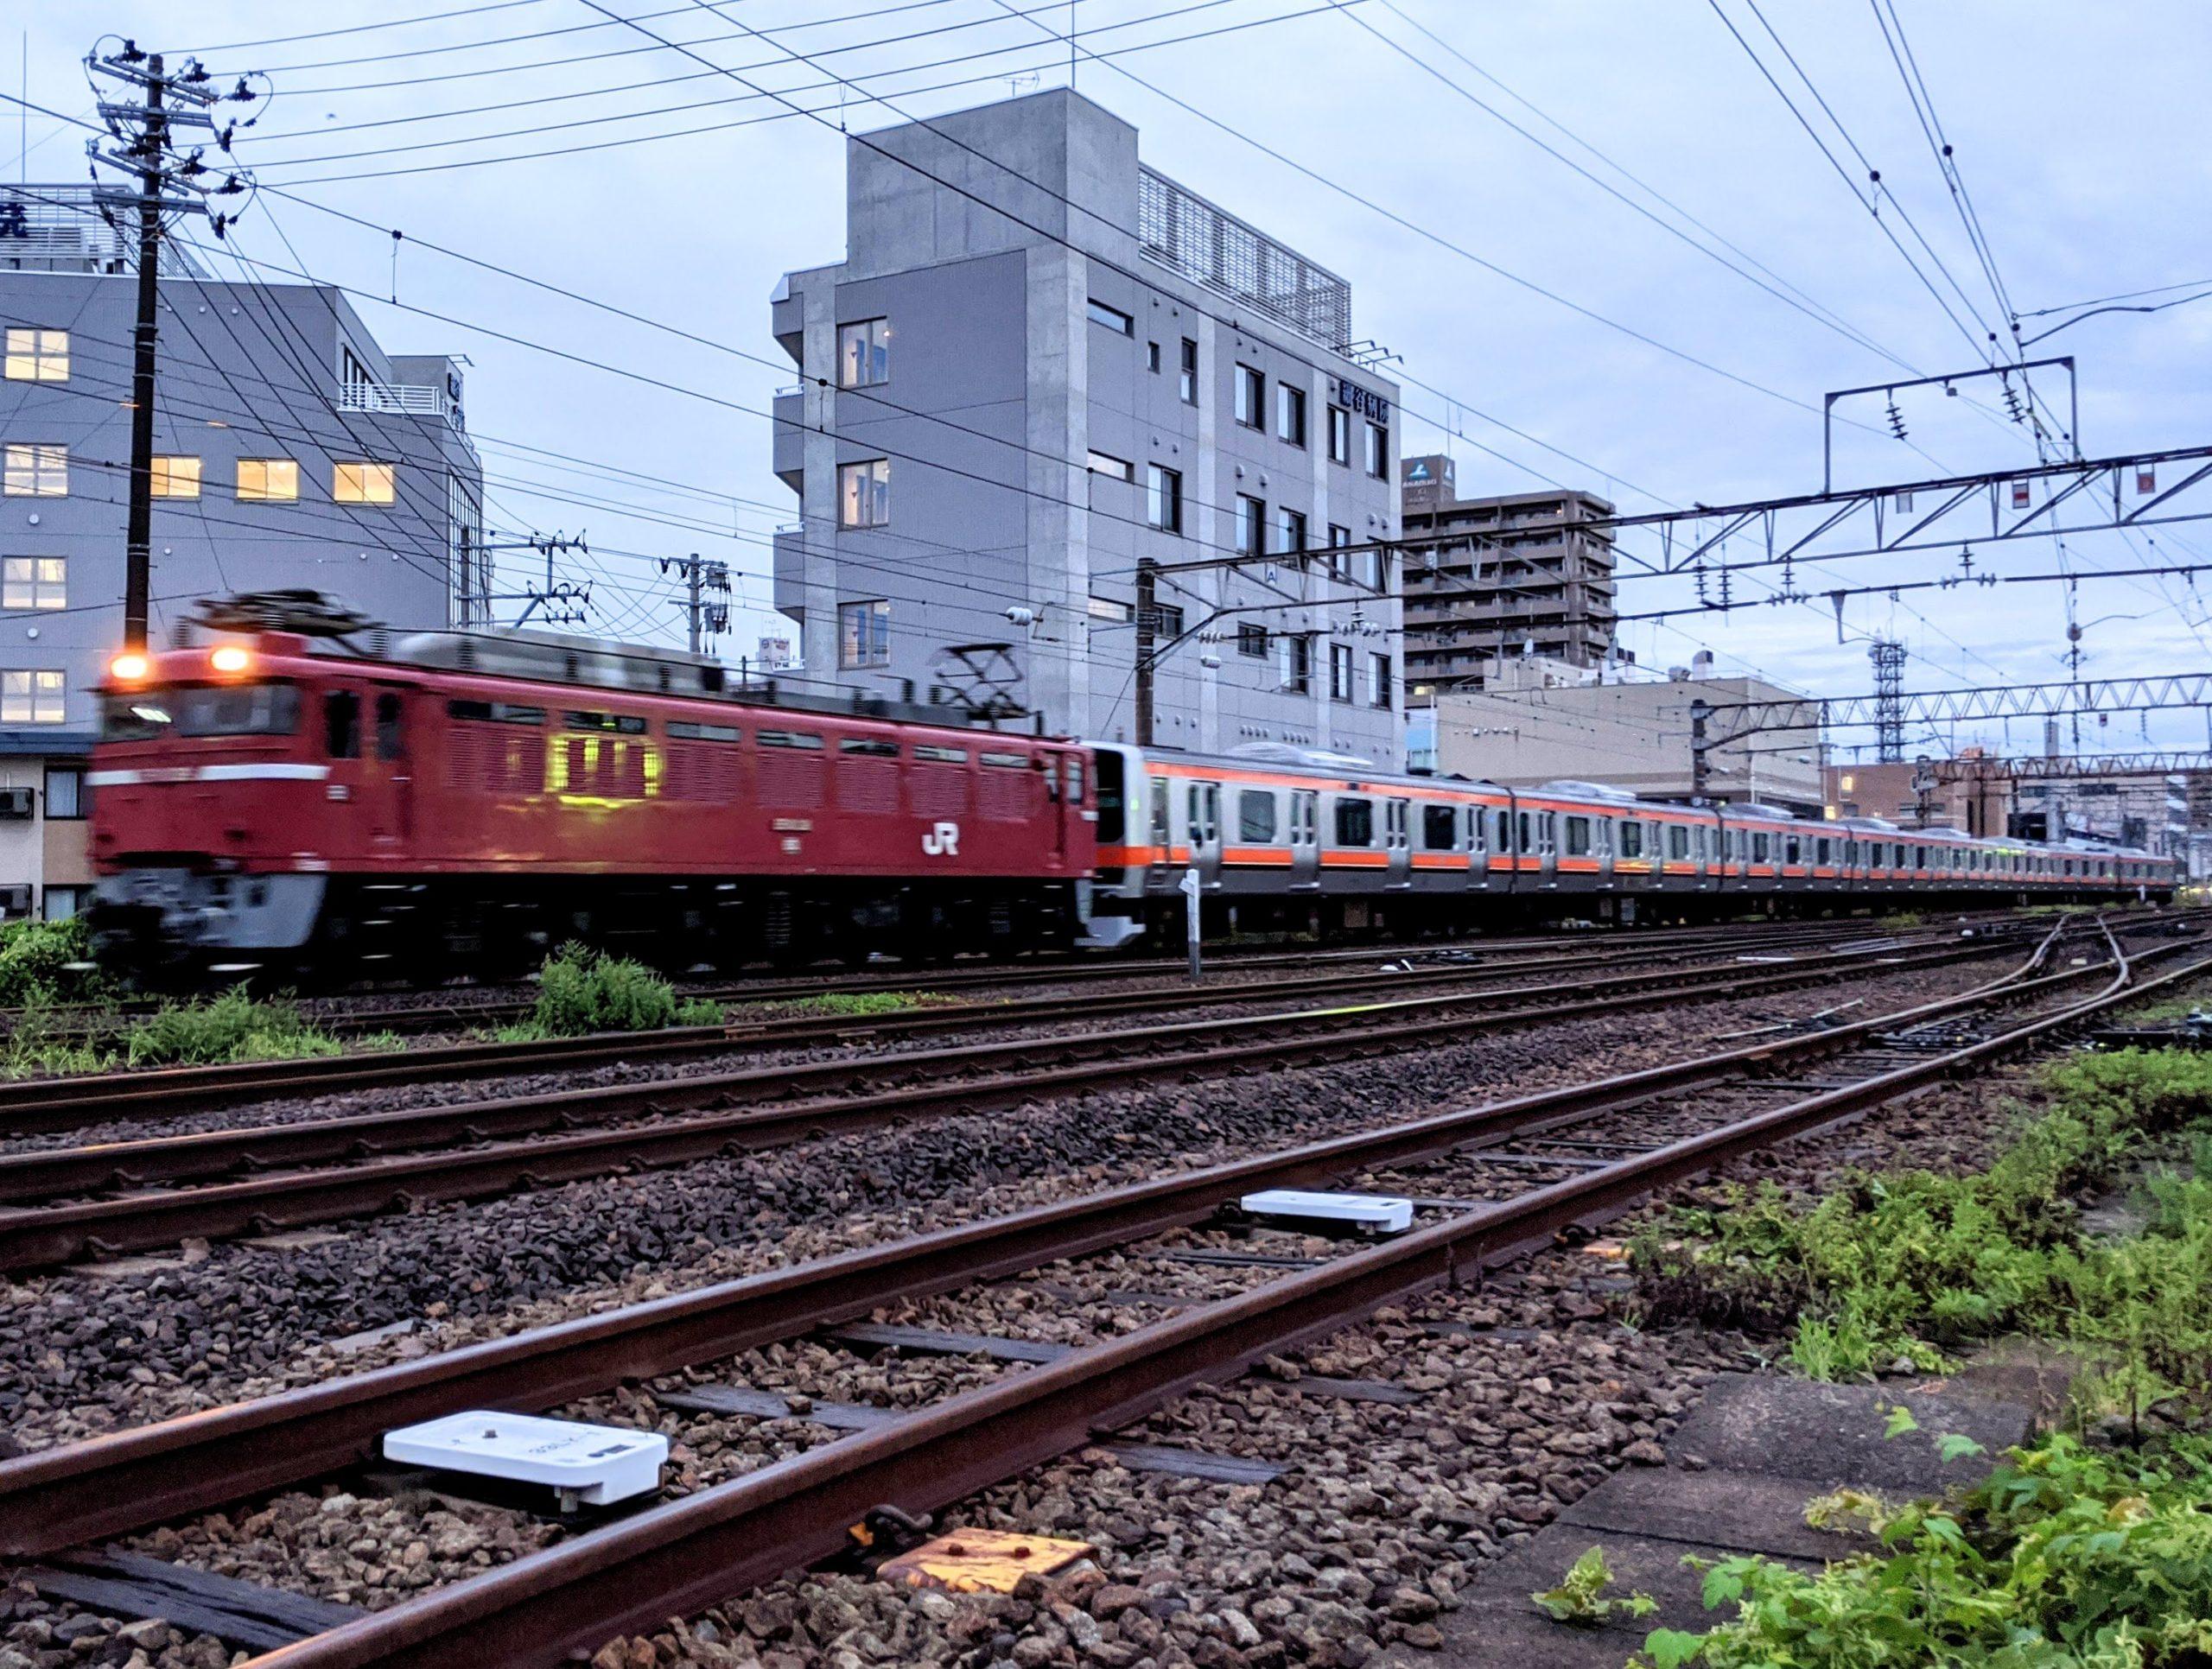 【最後の配給】E231系0番台元B31編成AT出場 武蔵野線に転属するE231系はこれで最後 一連の転属は終盤に